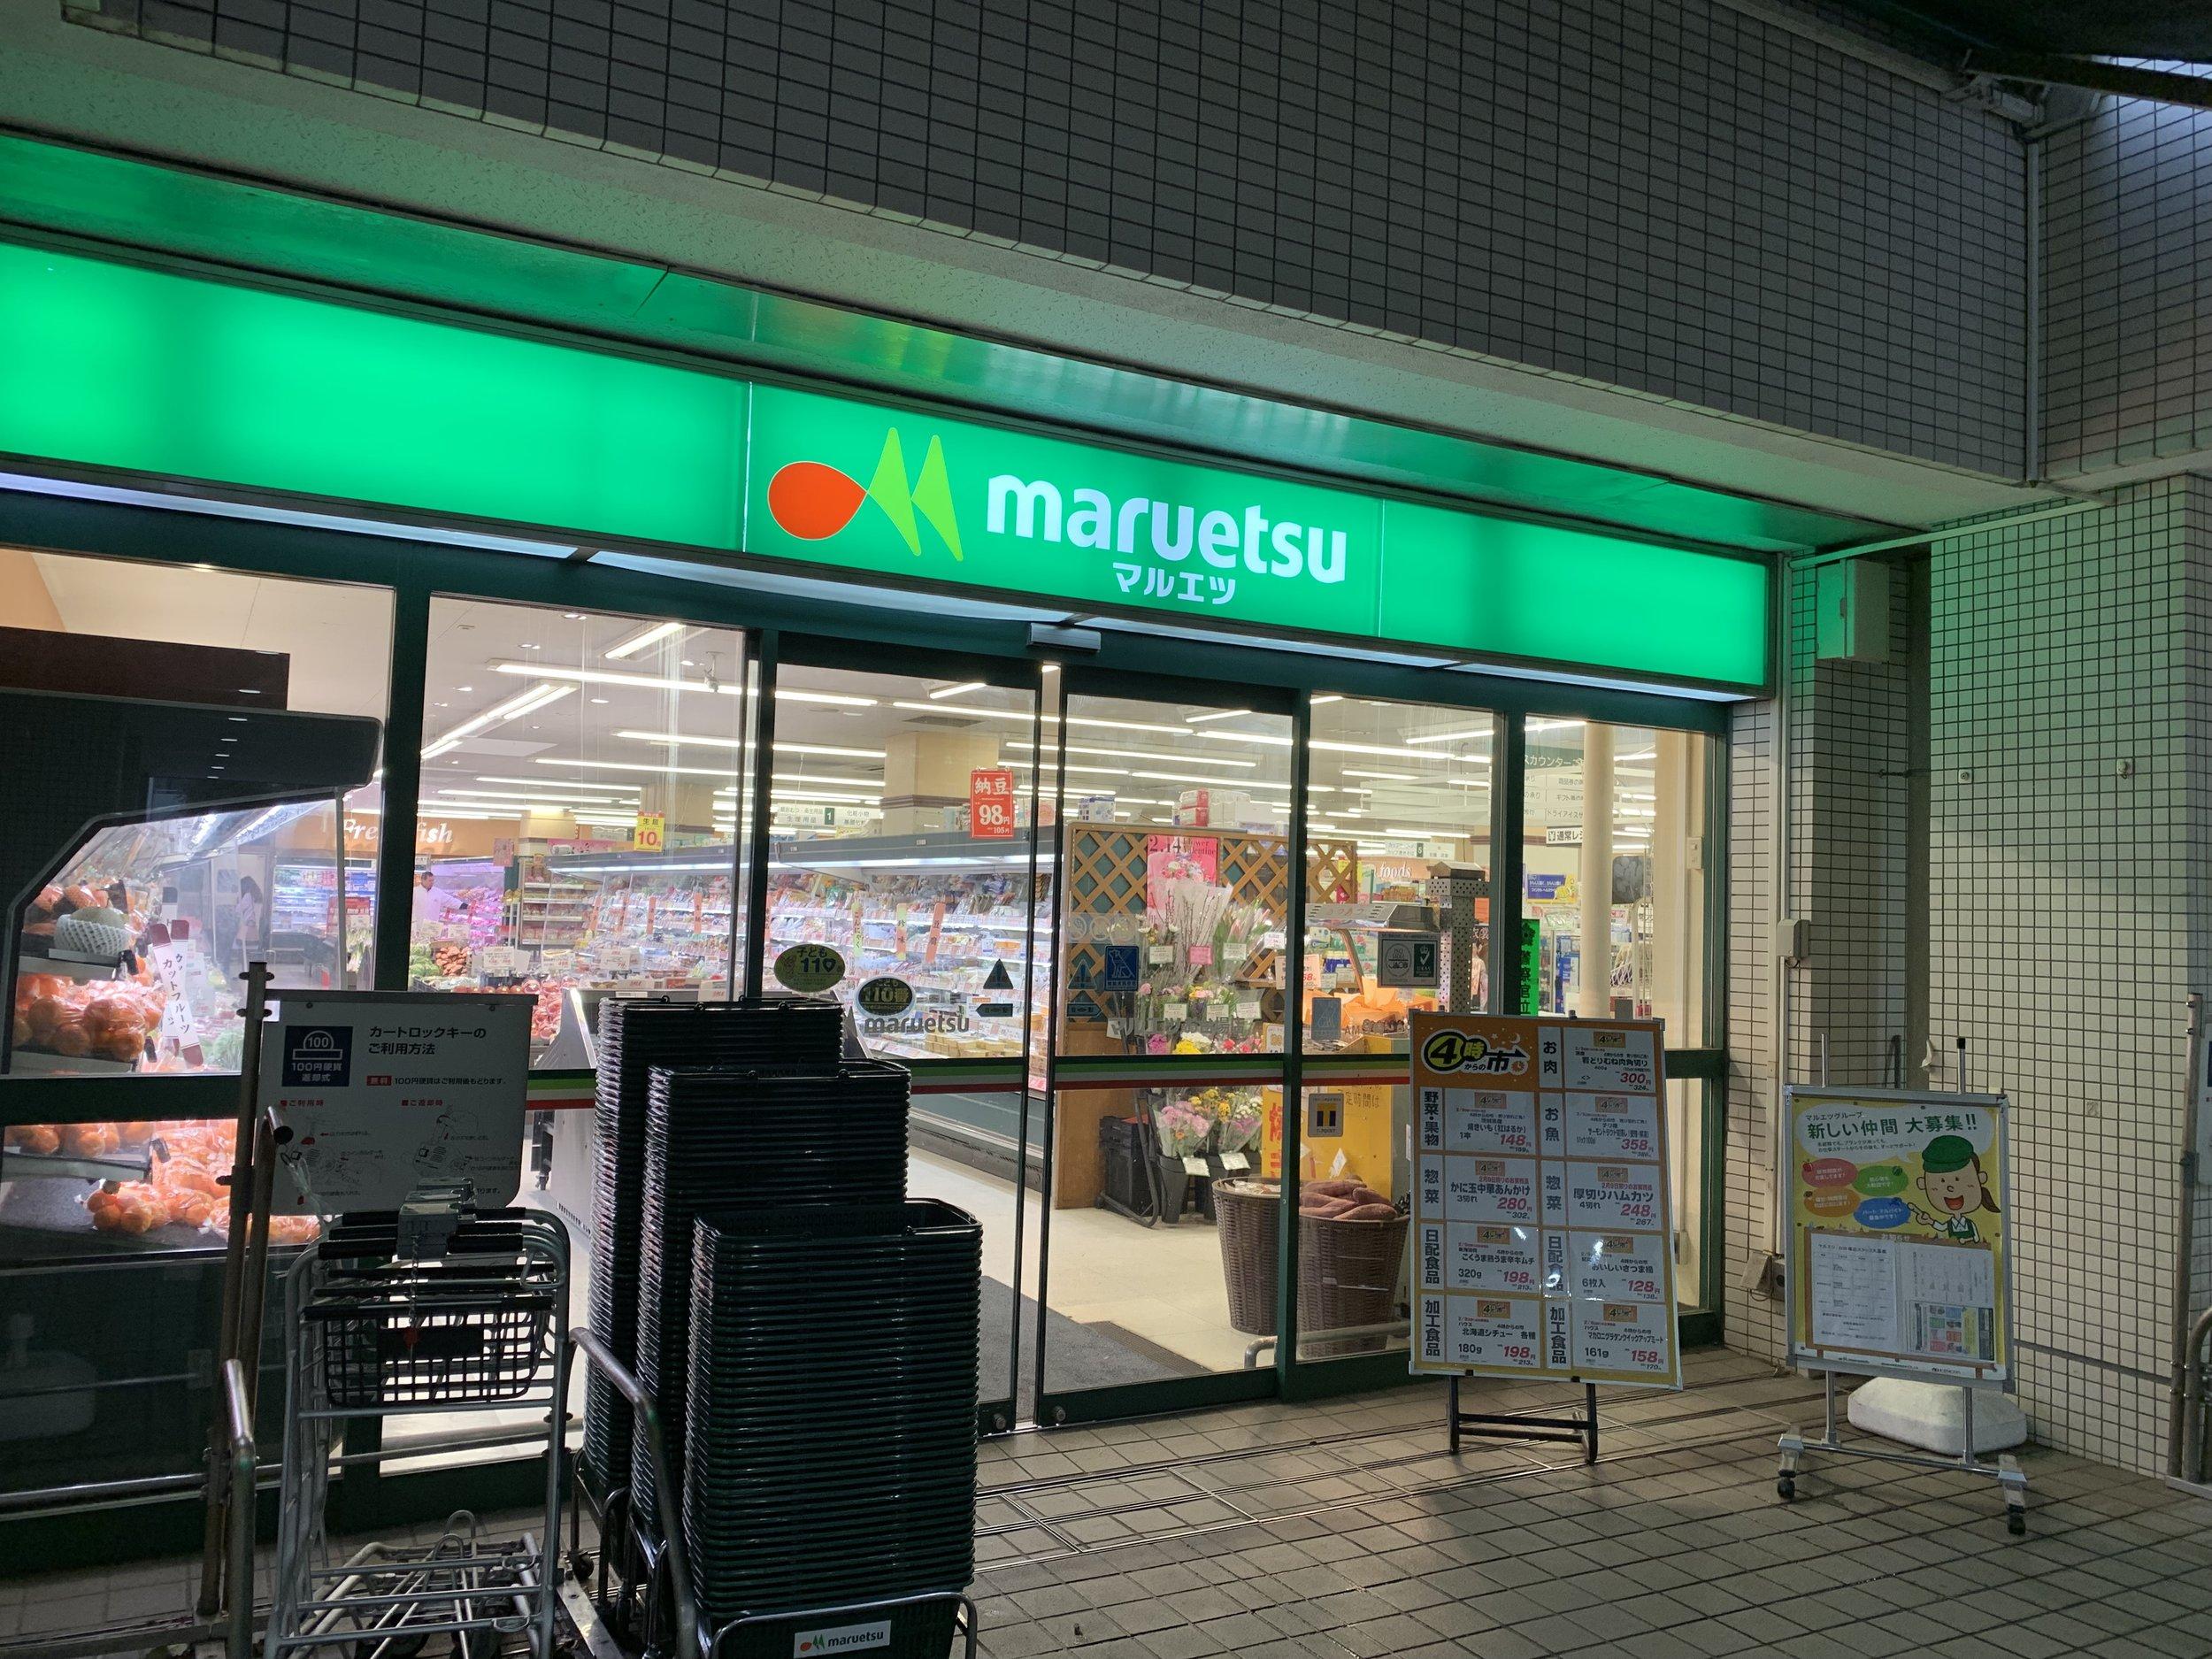 maruetsu grocery store Japan